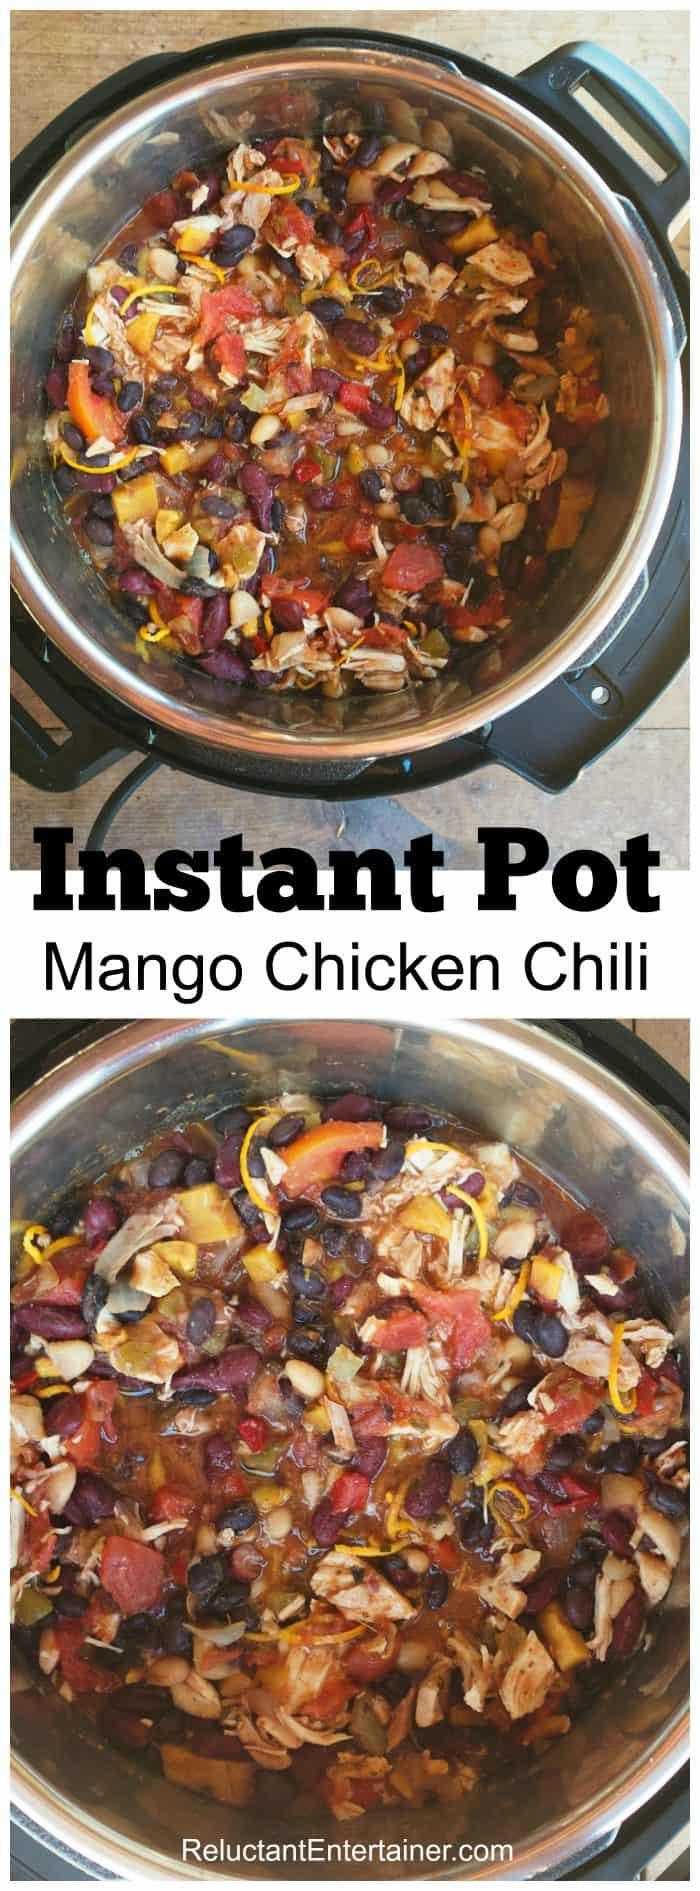 Instant Pot Mango Chicken Chili Recipe